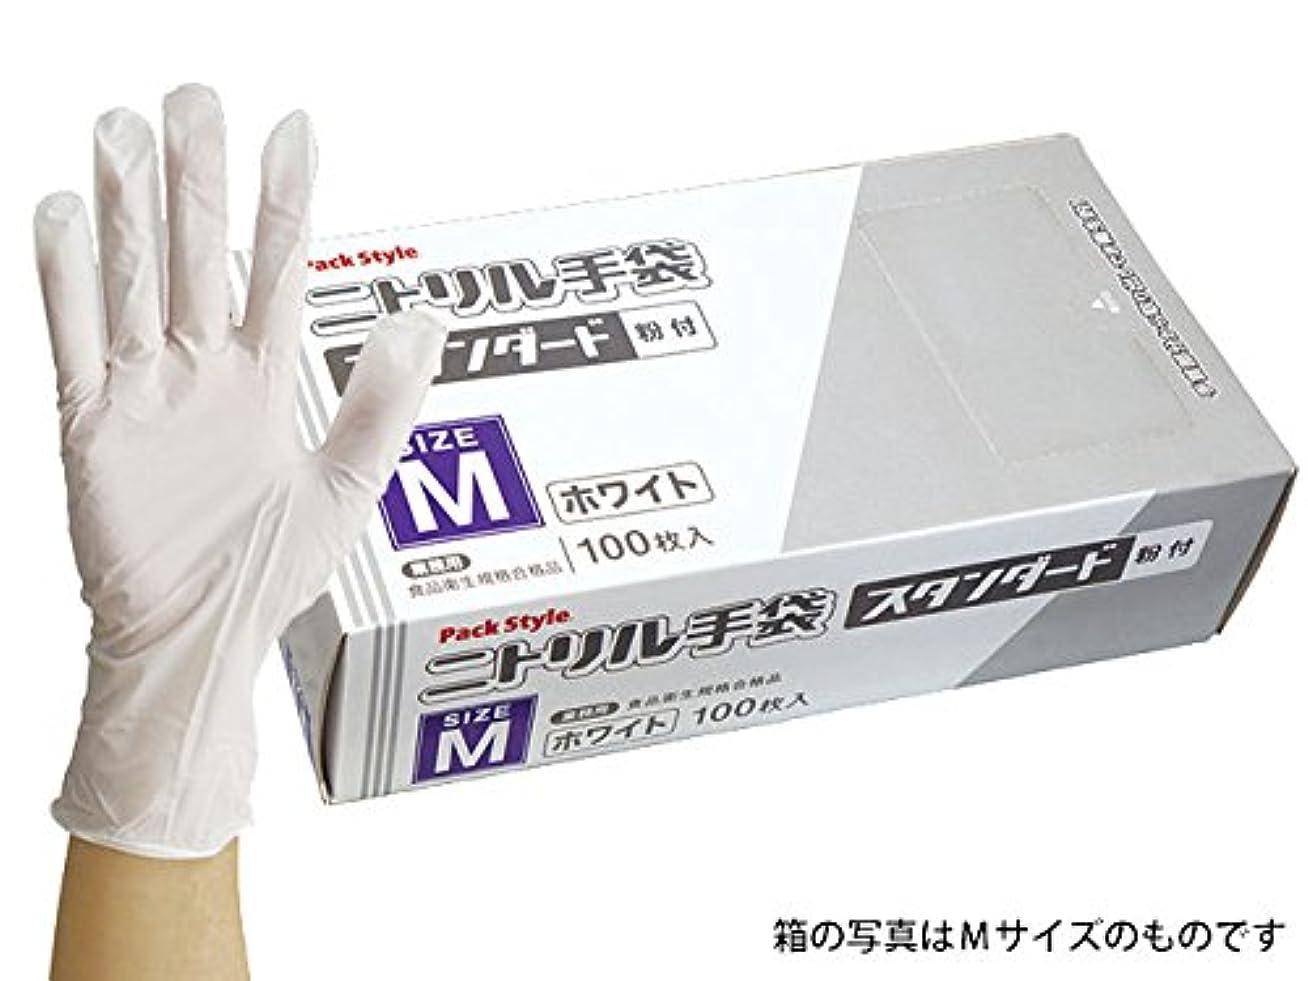 ピーブ天予測パックスタイル 業務用 使い捨て ニトリル手袋 スタンダード 白?粉付 S 3000枚 00531606